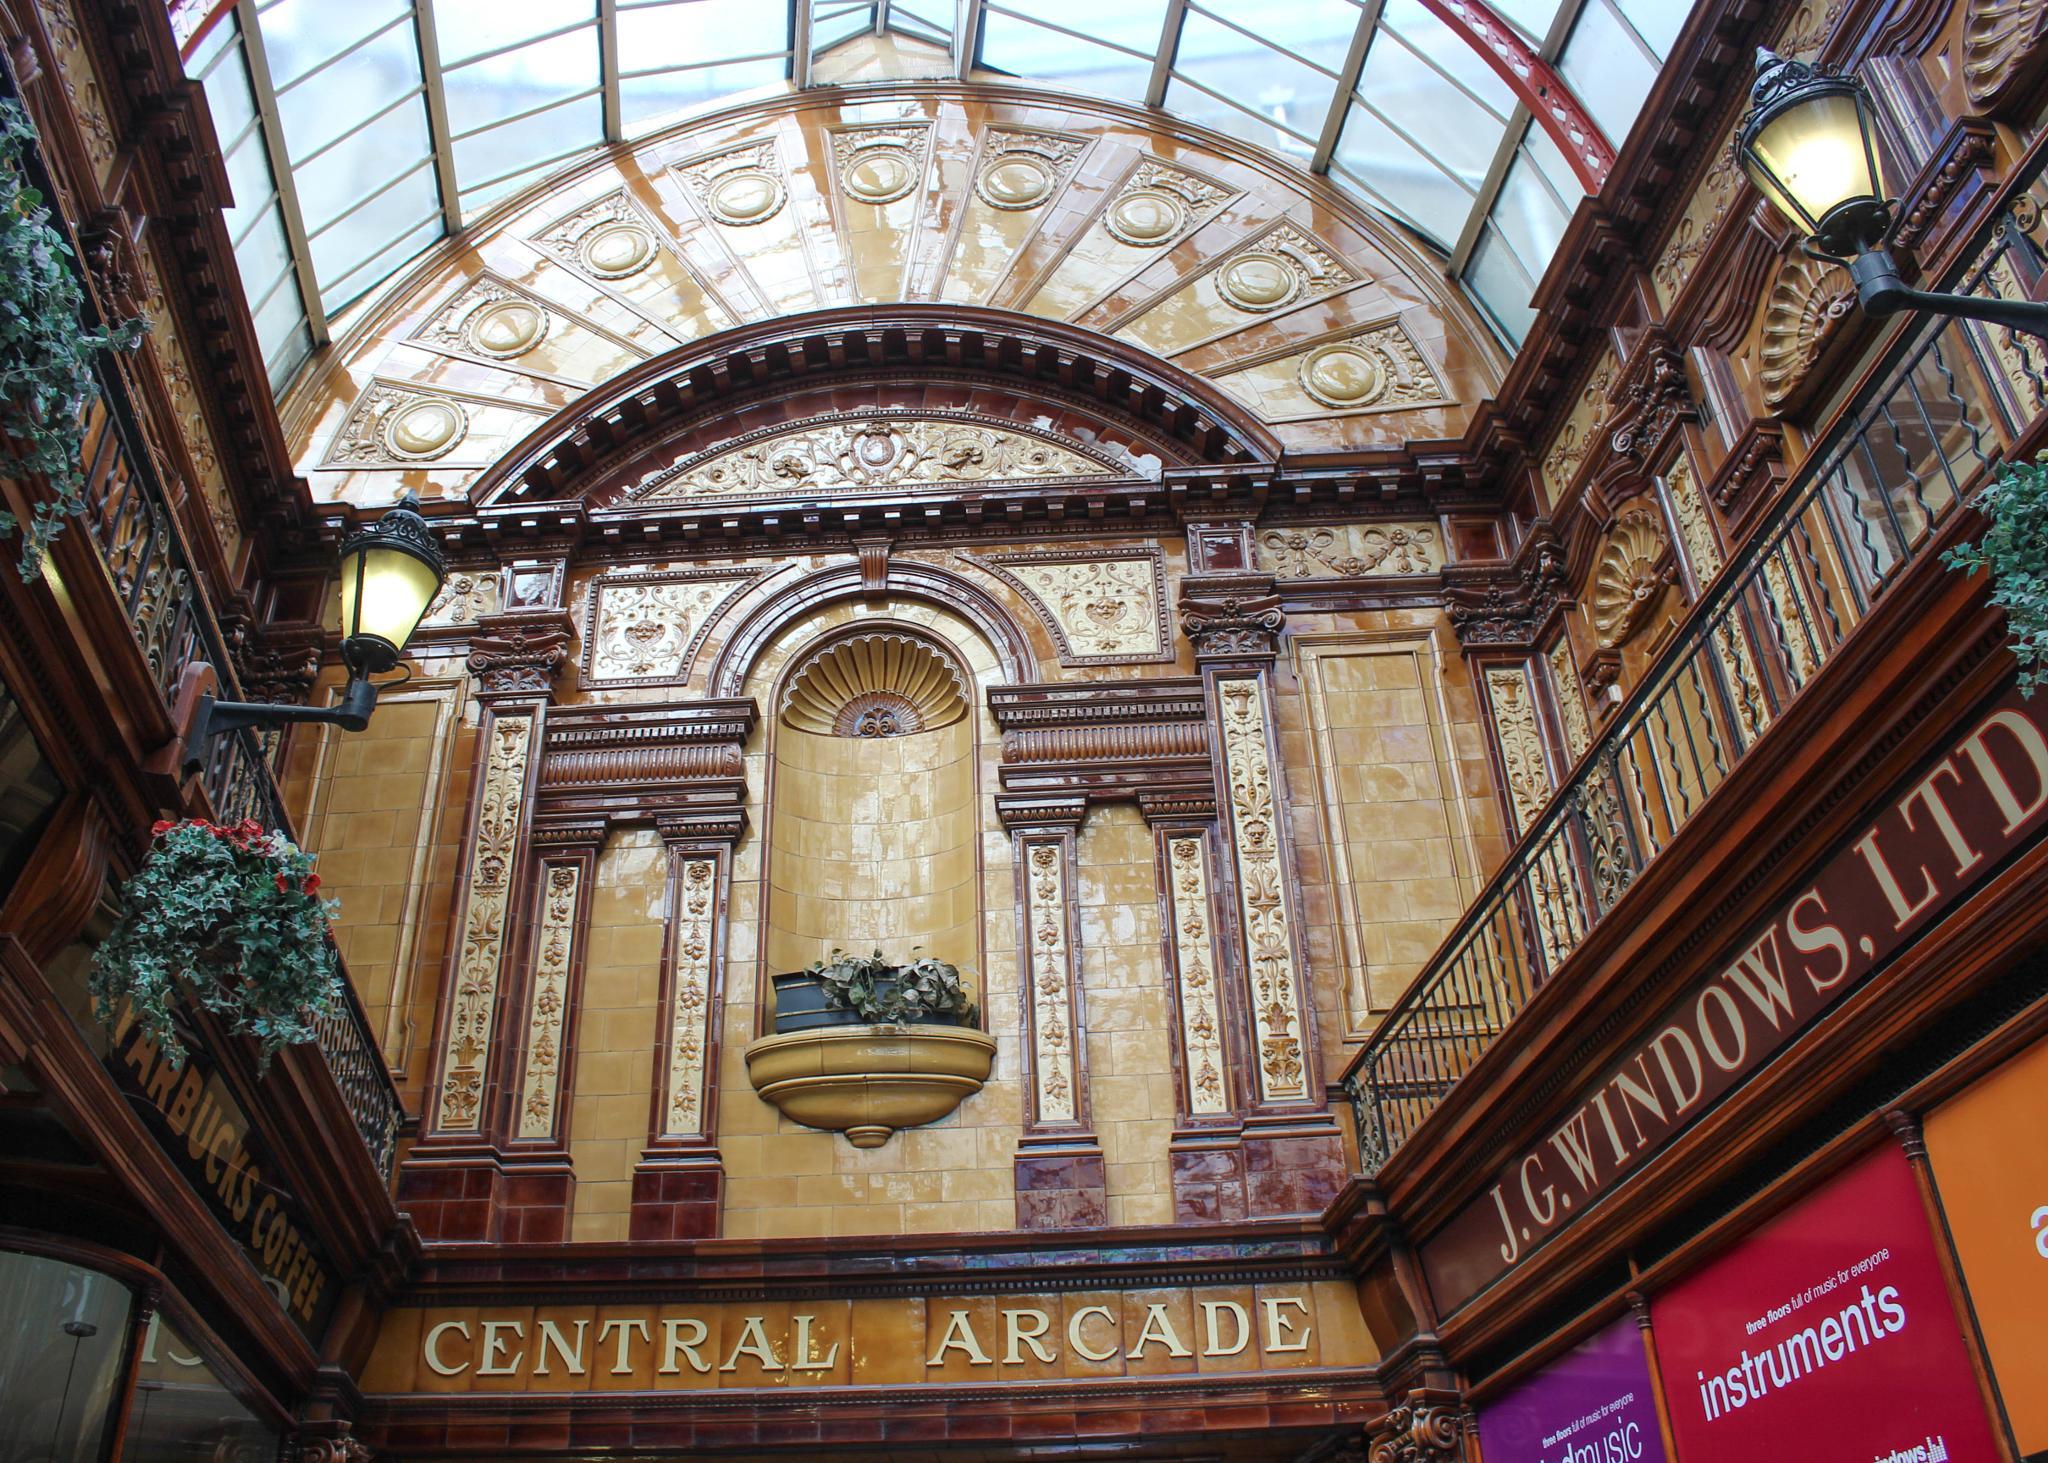 Central arcade by Carol Furness